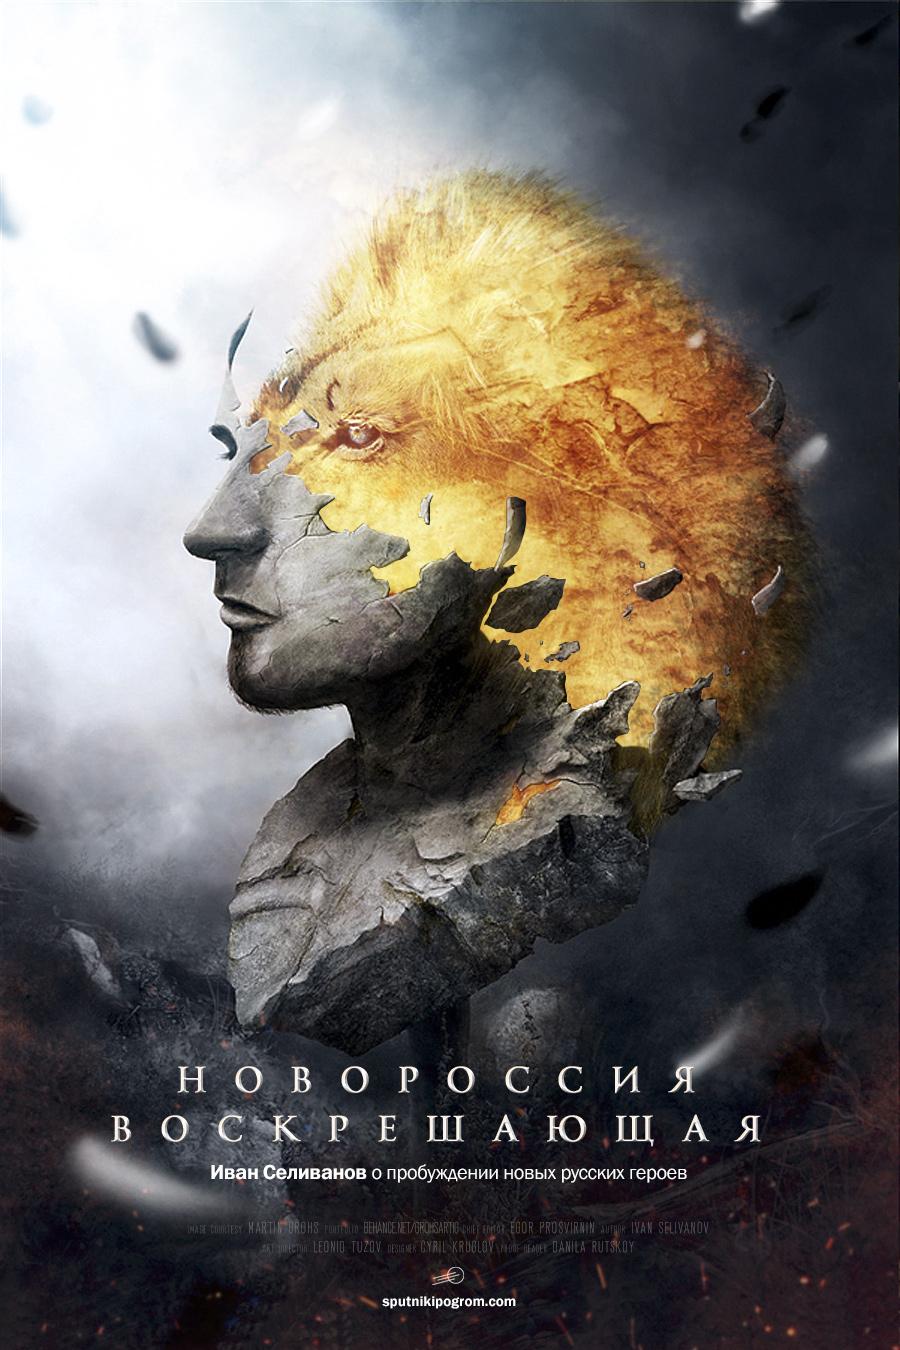 novorossiya-ressurecting